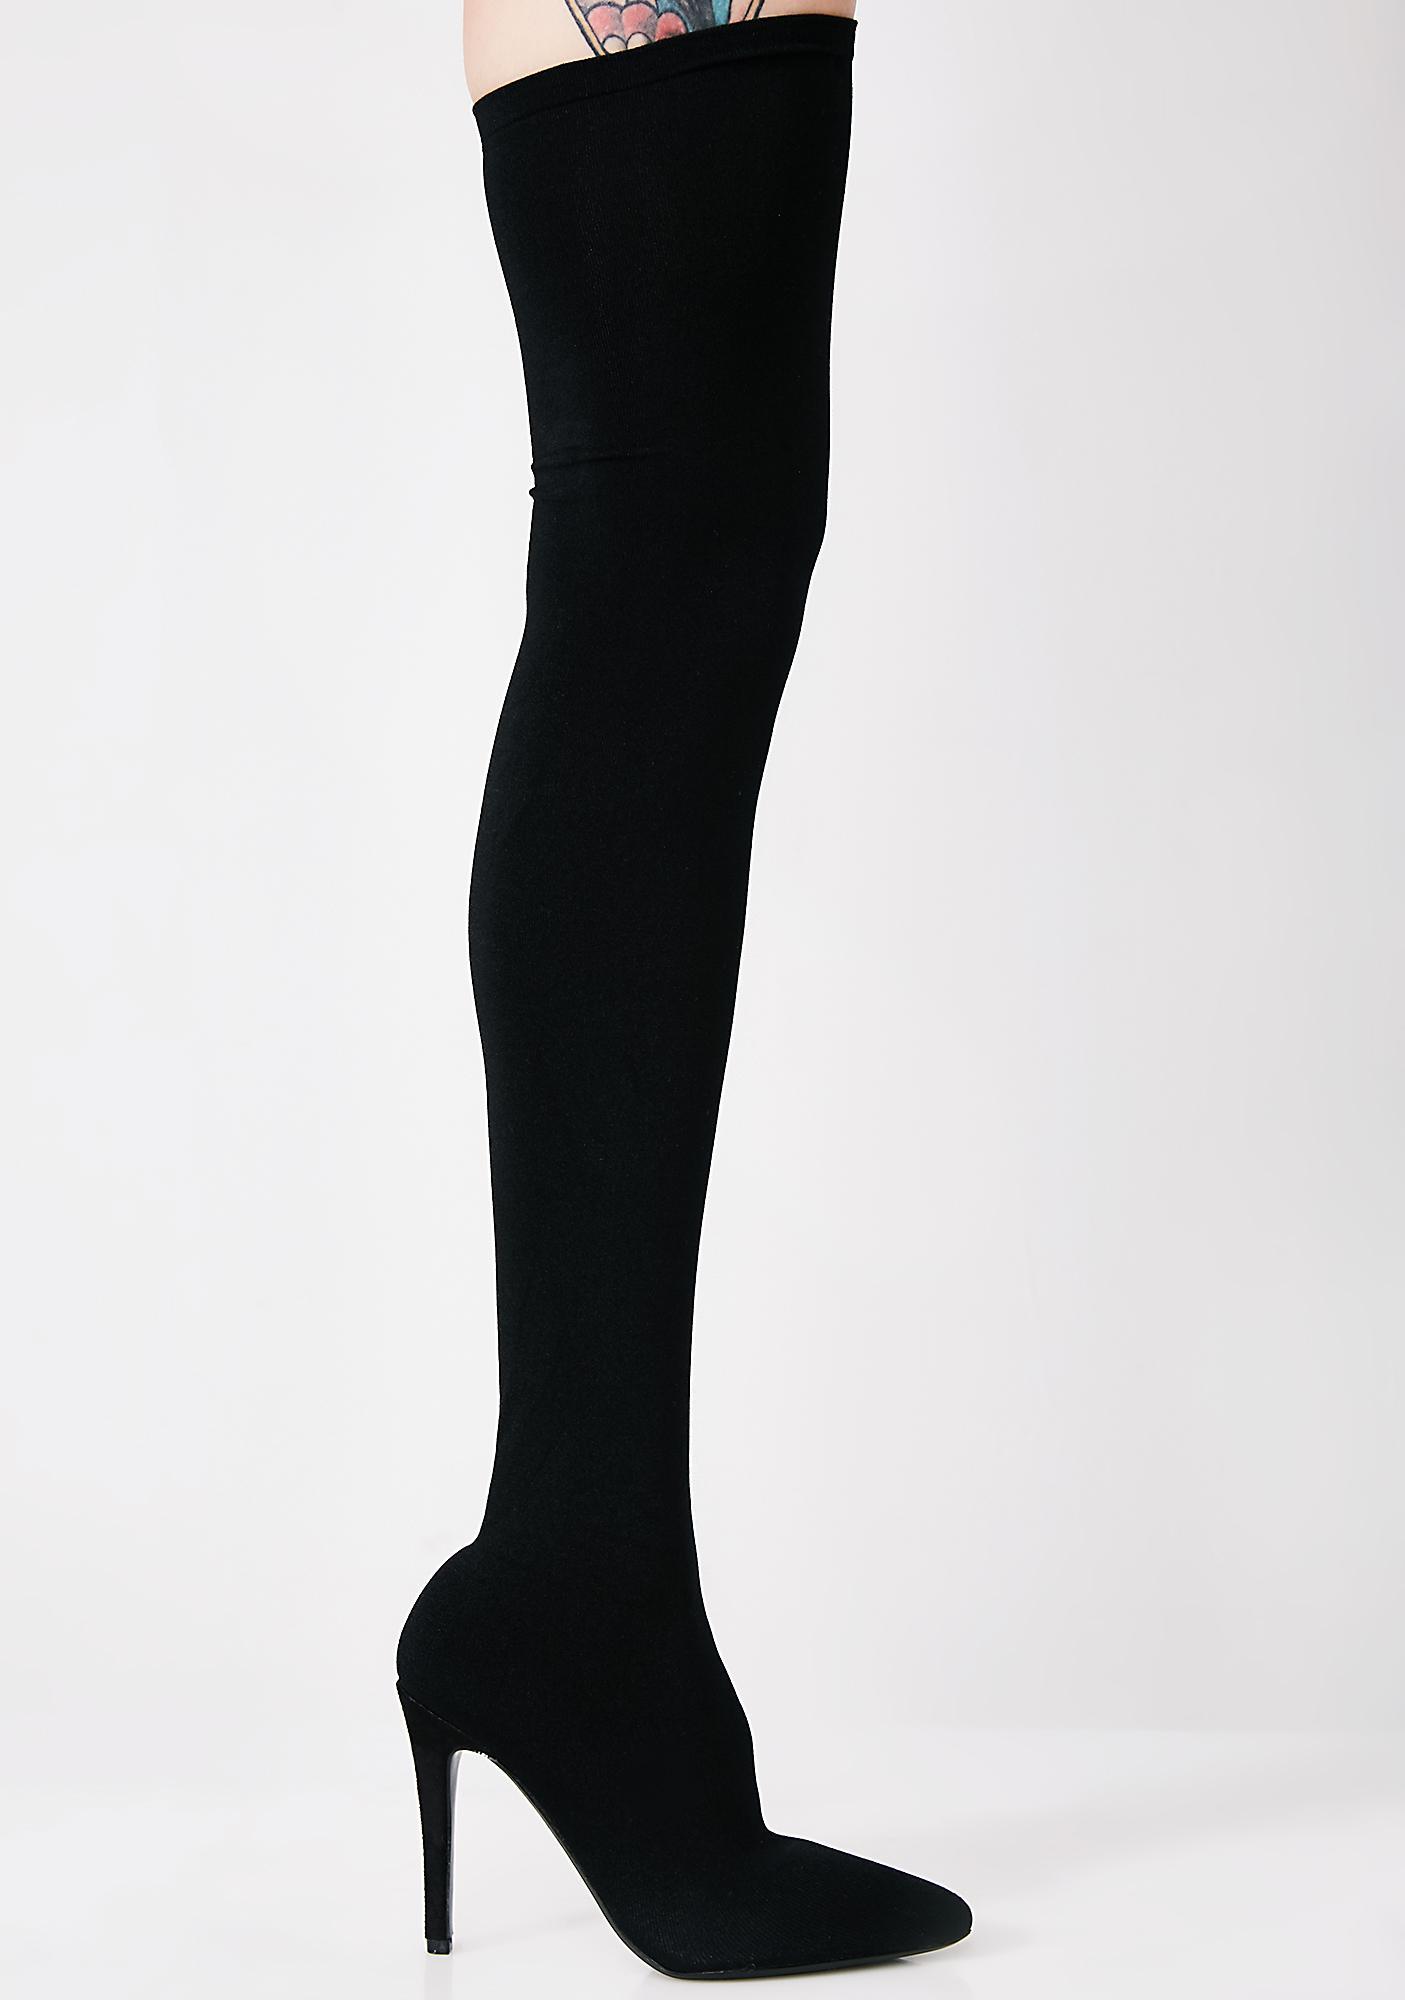 Goal Getter Thigh High Boots